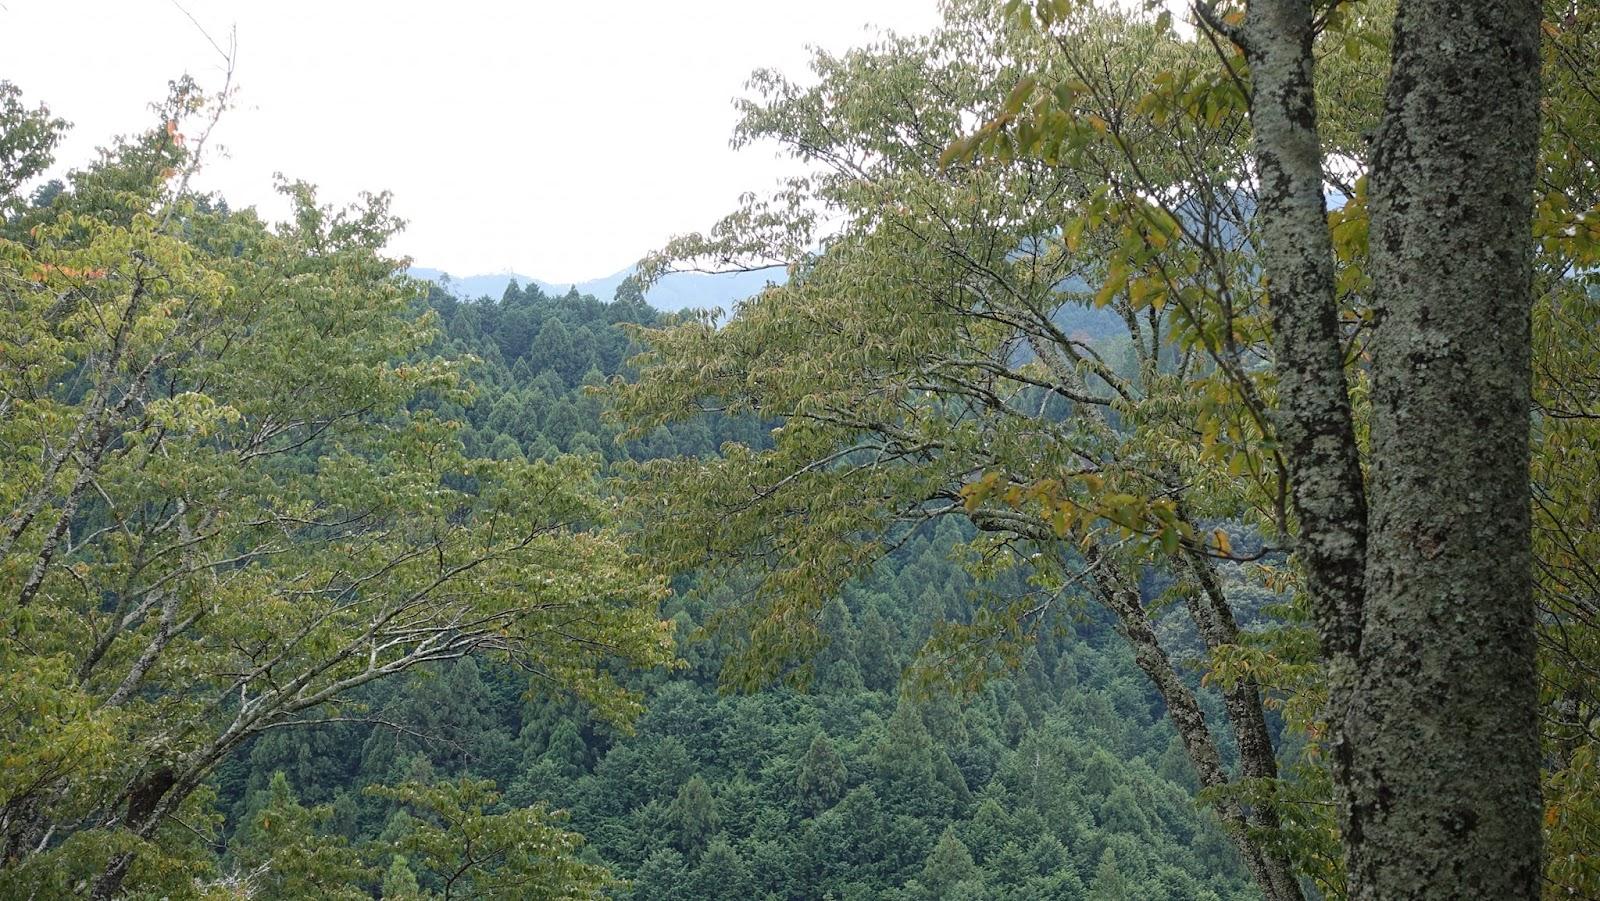 木、山、自然の画像のようです